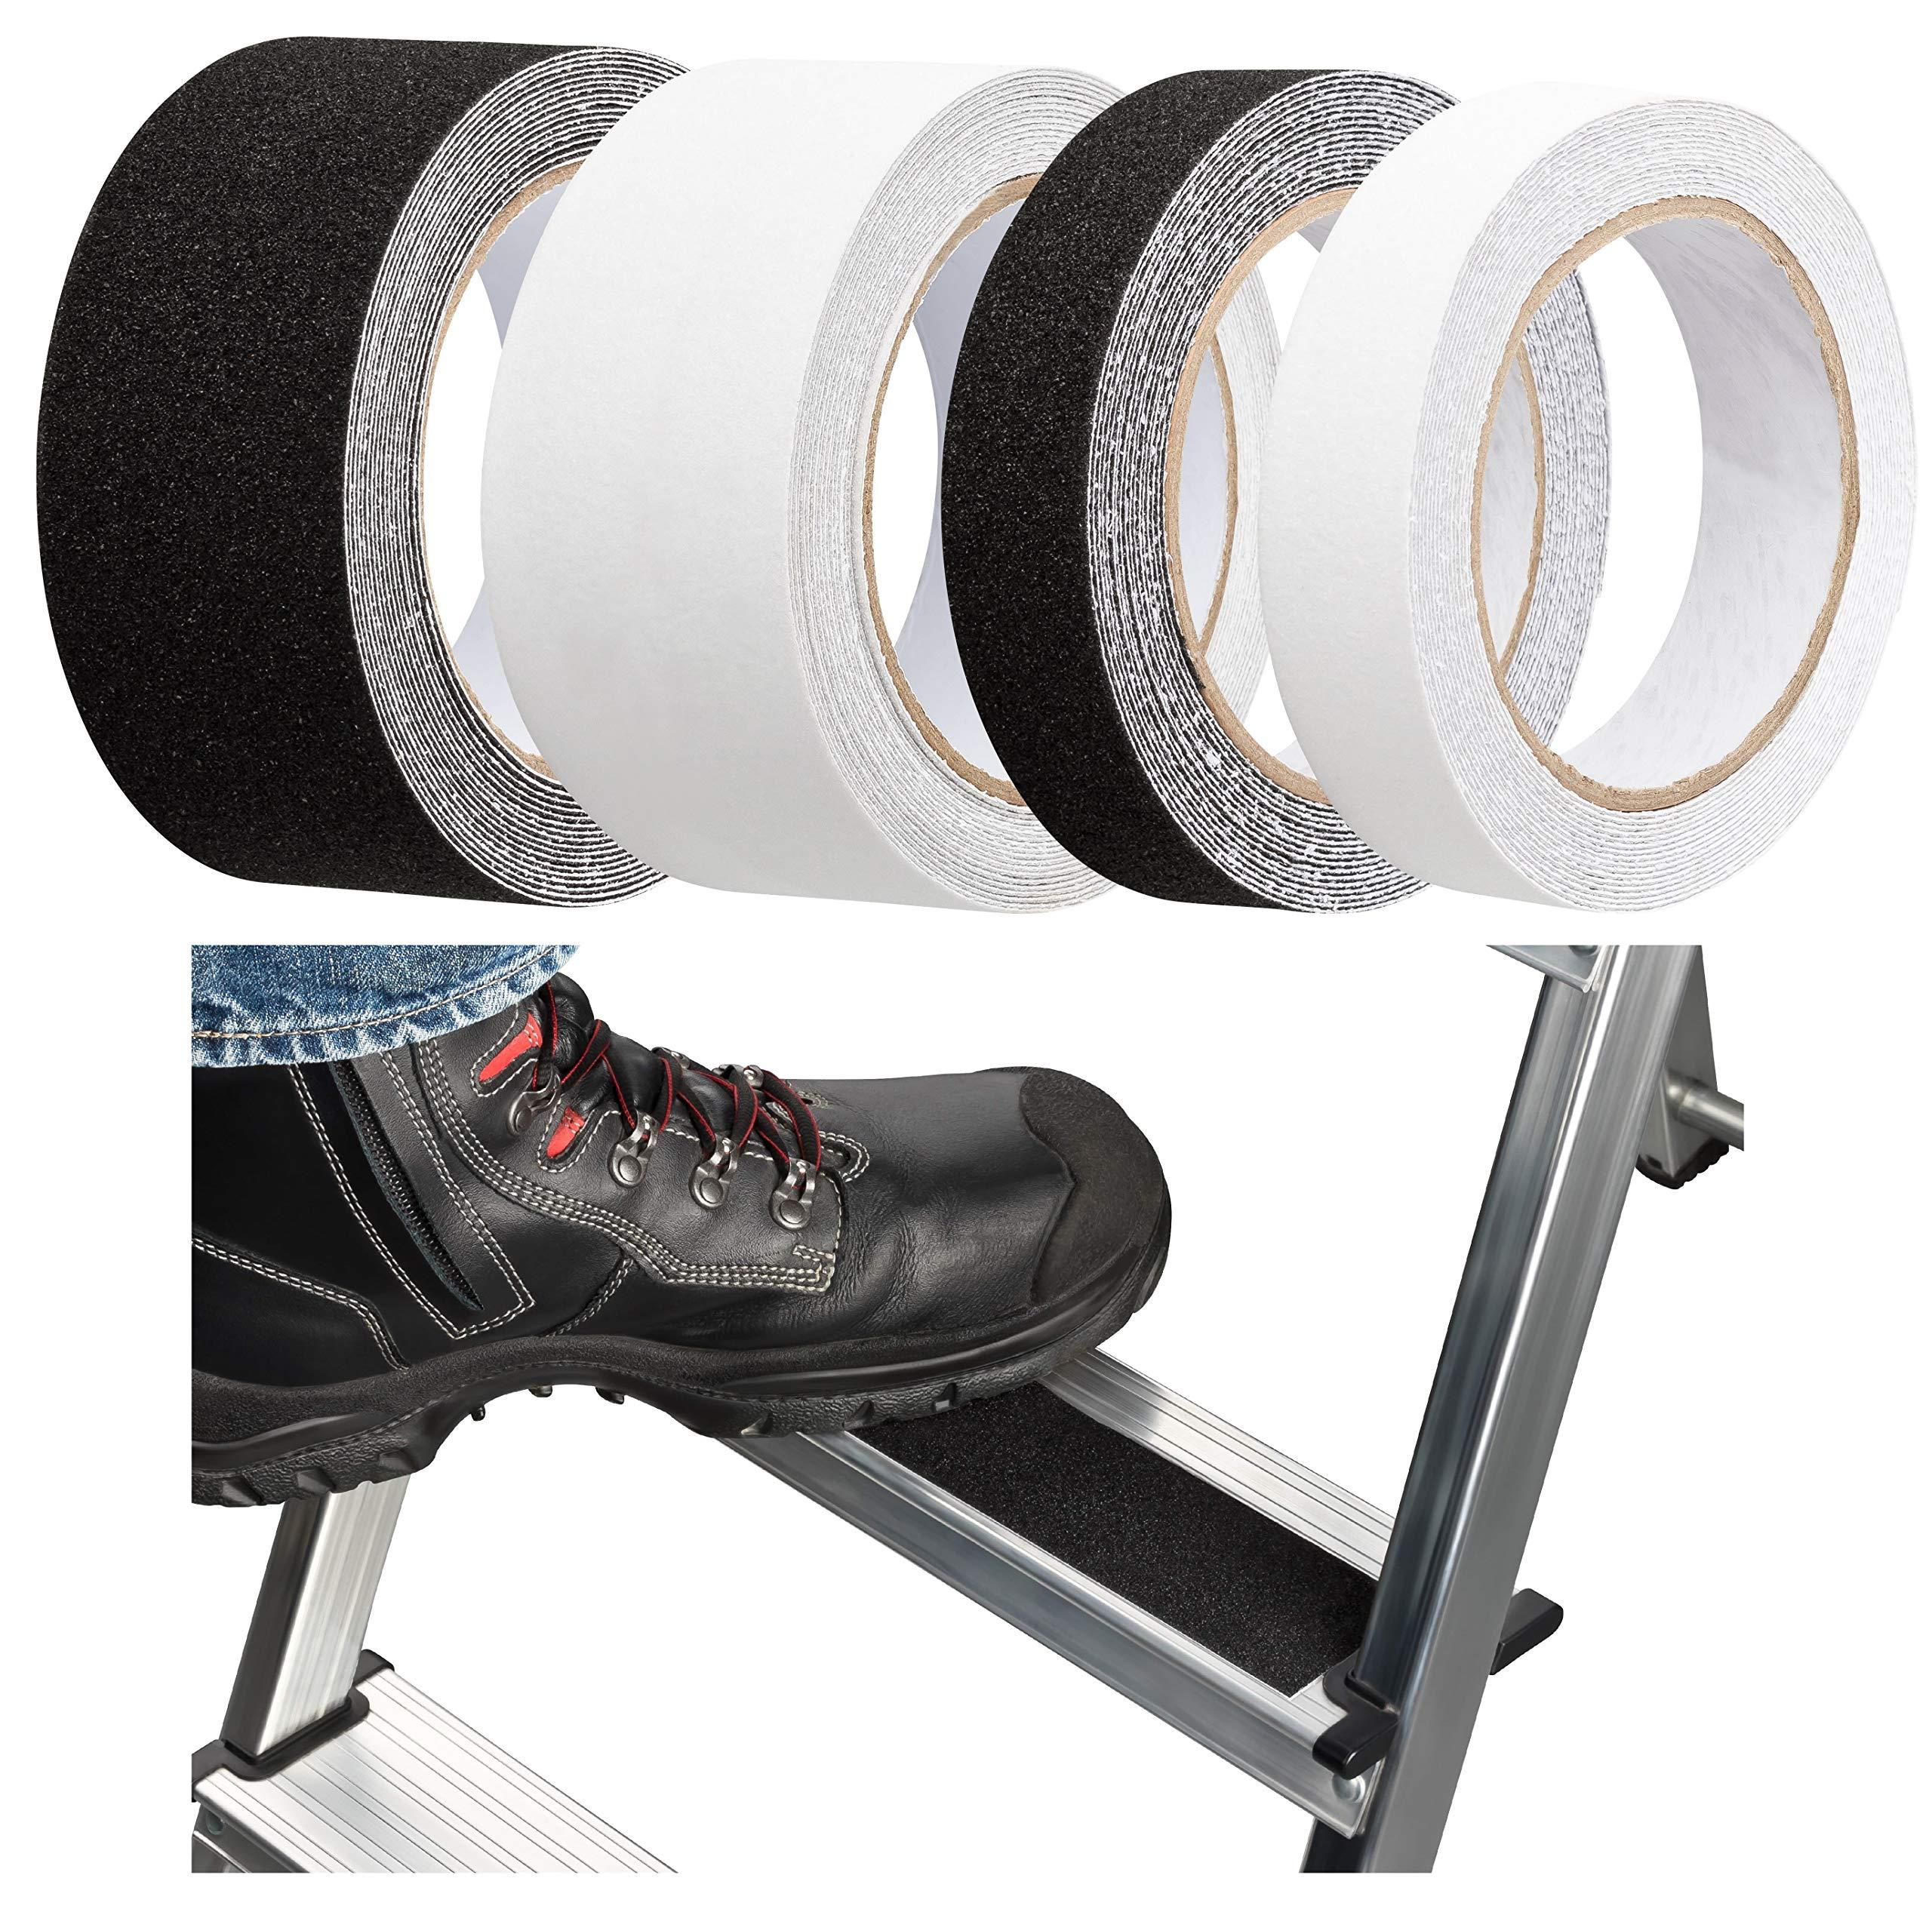 Cinta antideslizante autoadhesiva para escaleras, escaleras, andamios, escaleras, exterior e interior, 25 mm o 50 mm de ancho, transparente o negro: Amazon.es: Bricolaje y herramientas